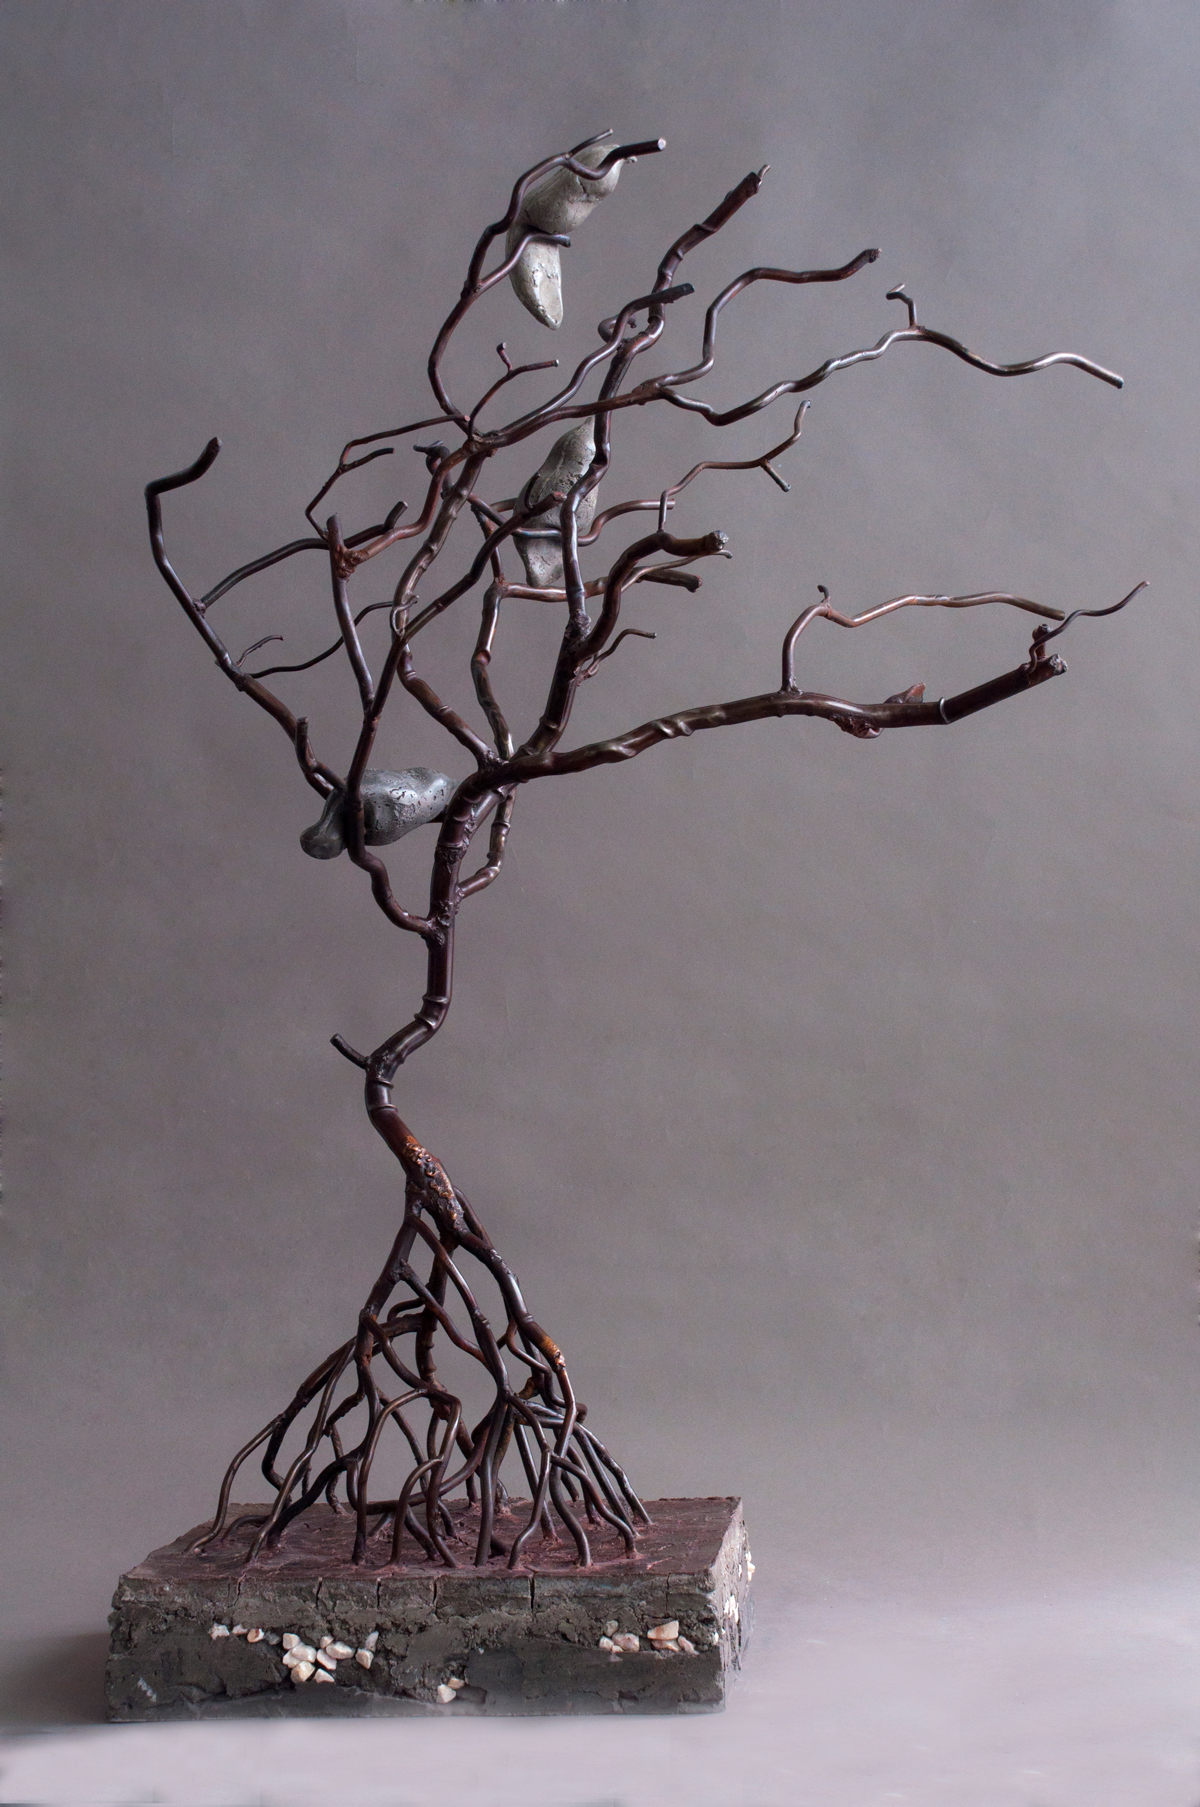 Franck Turzo, Le Palutivier, 115 x 40 x 35 cm, Concrete and Steel